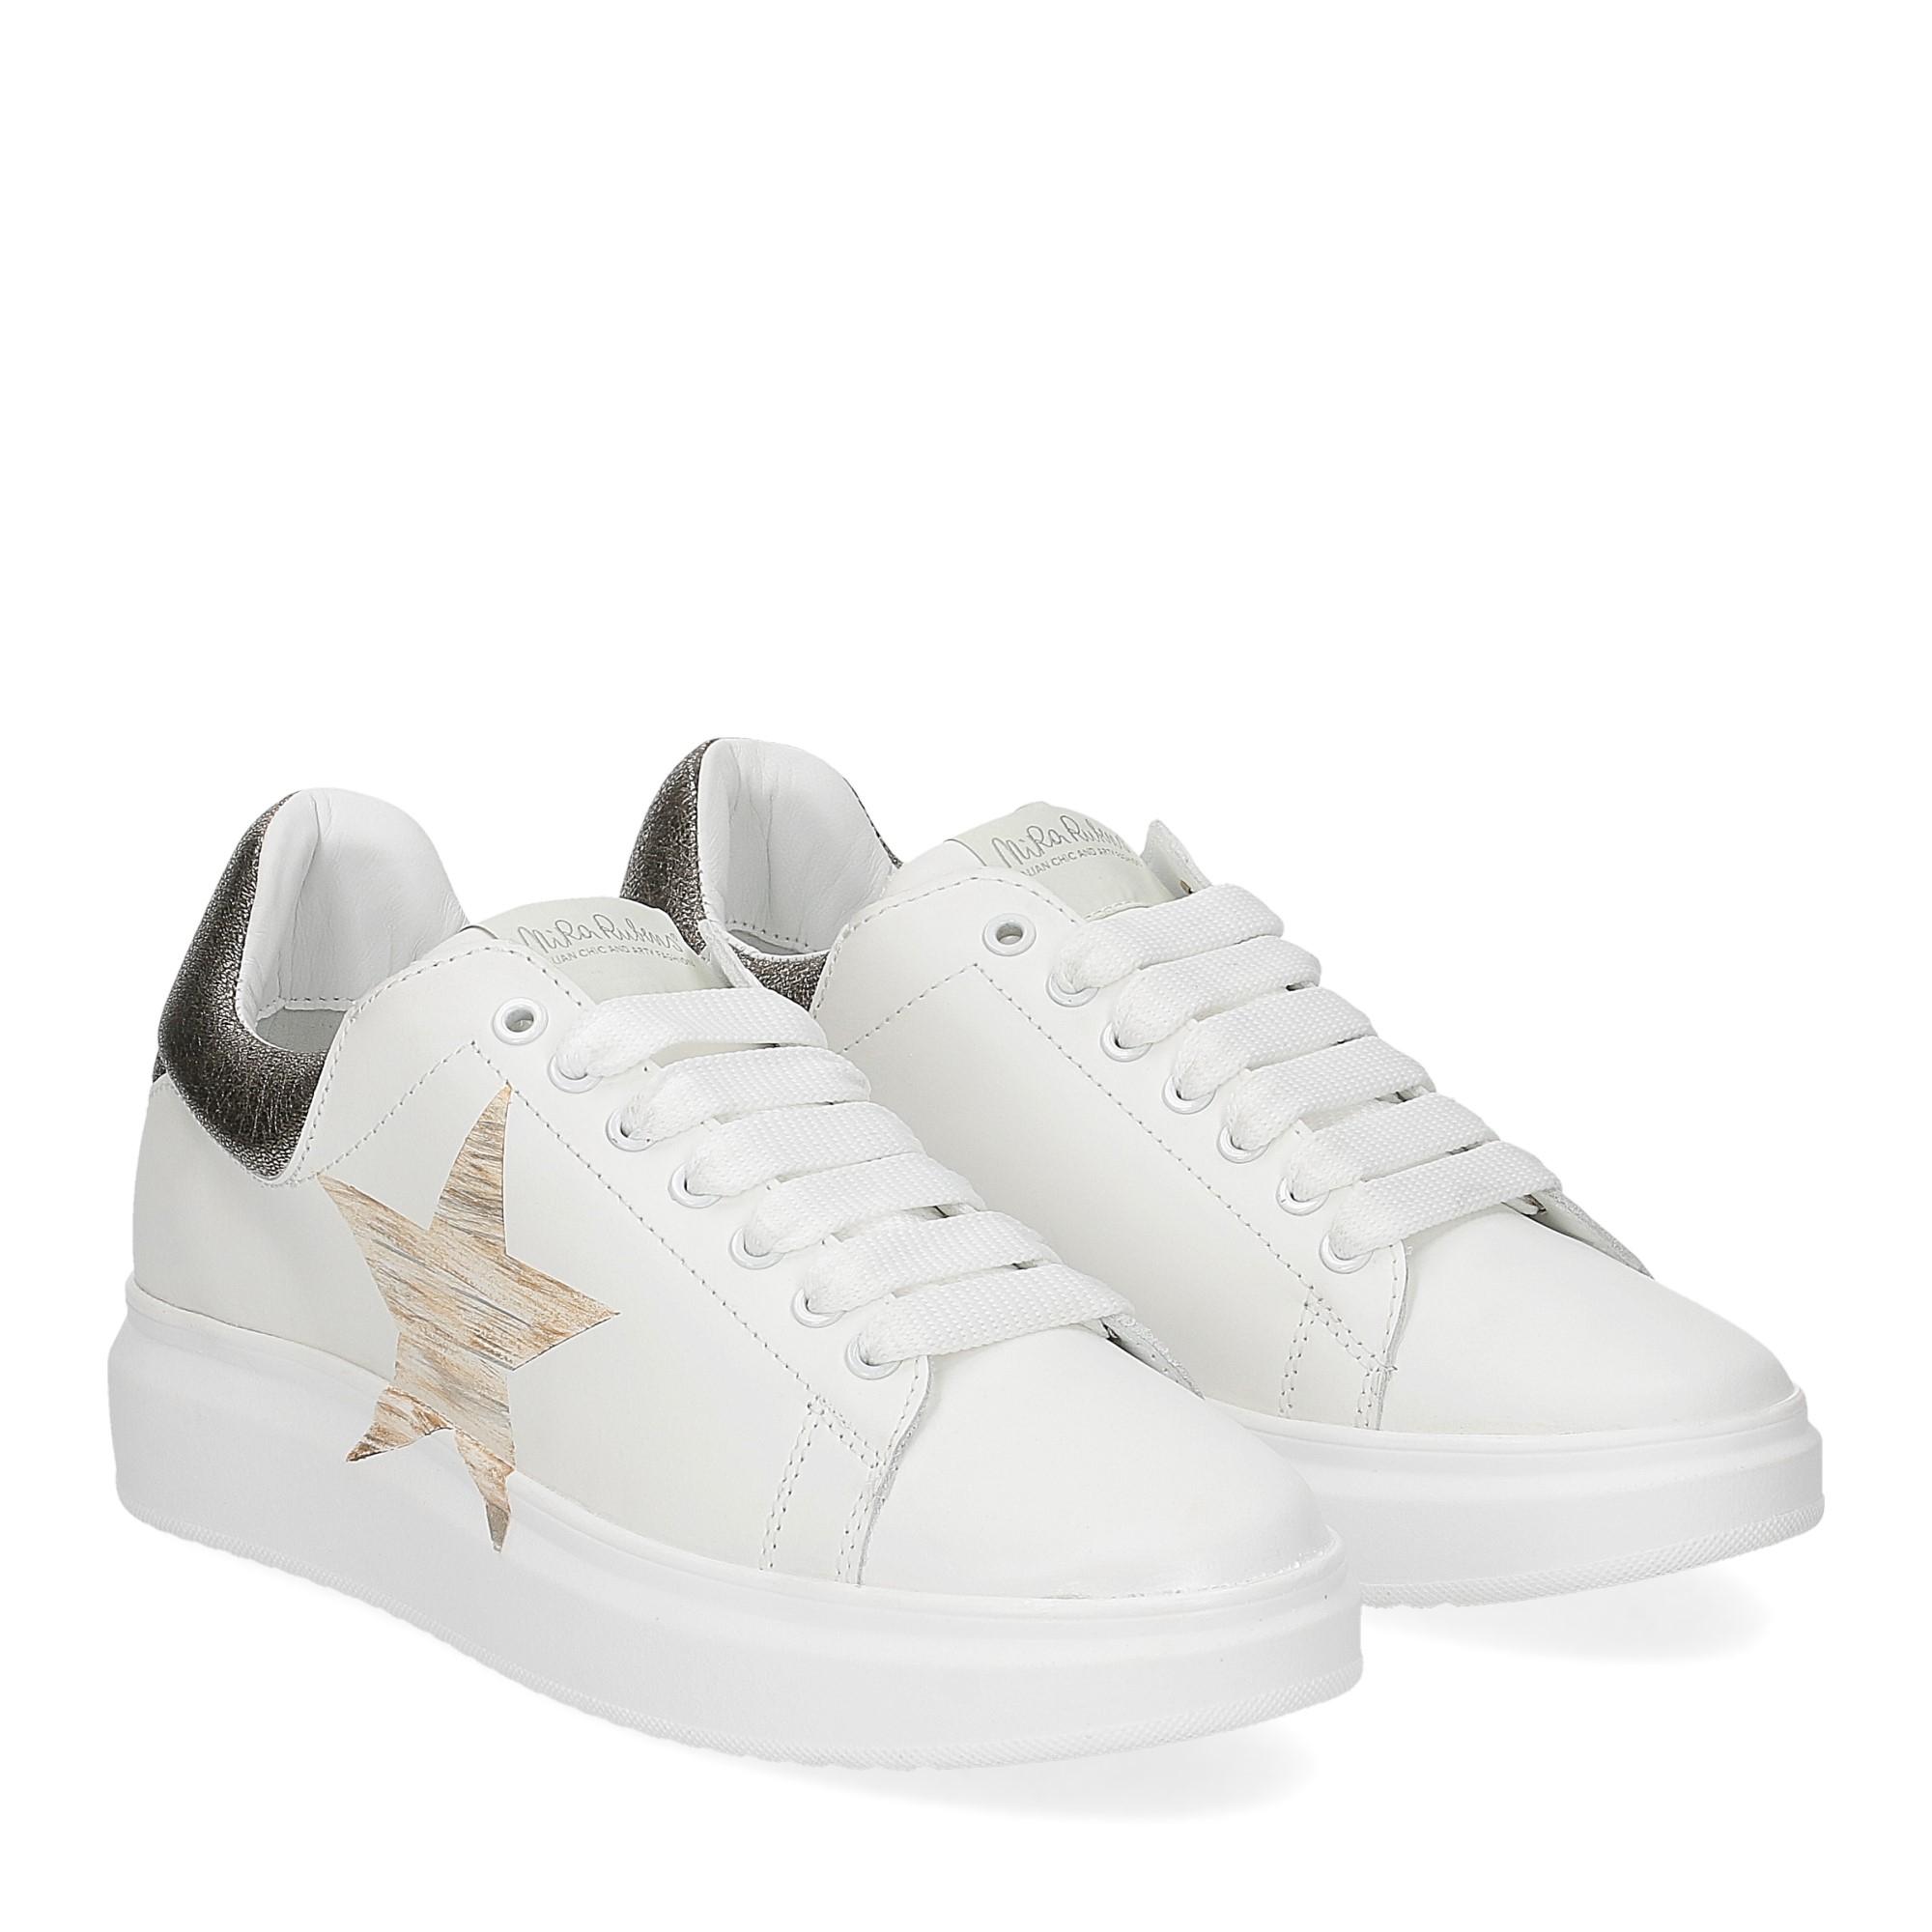 Nira Rubens Angel ALST32 sneaker stella white gold